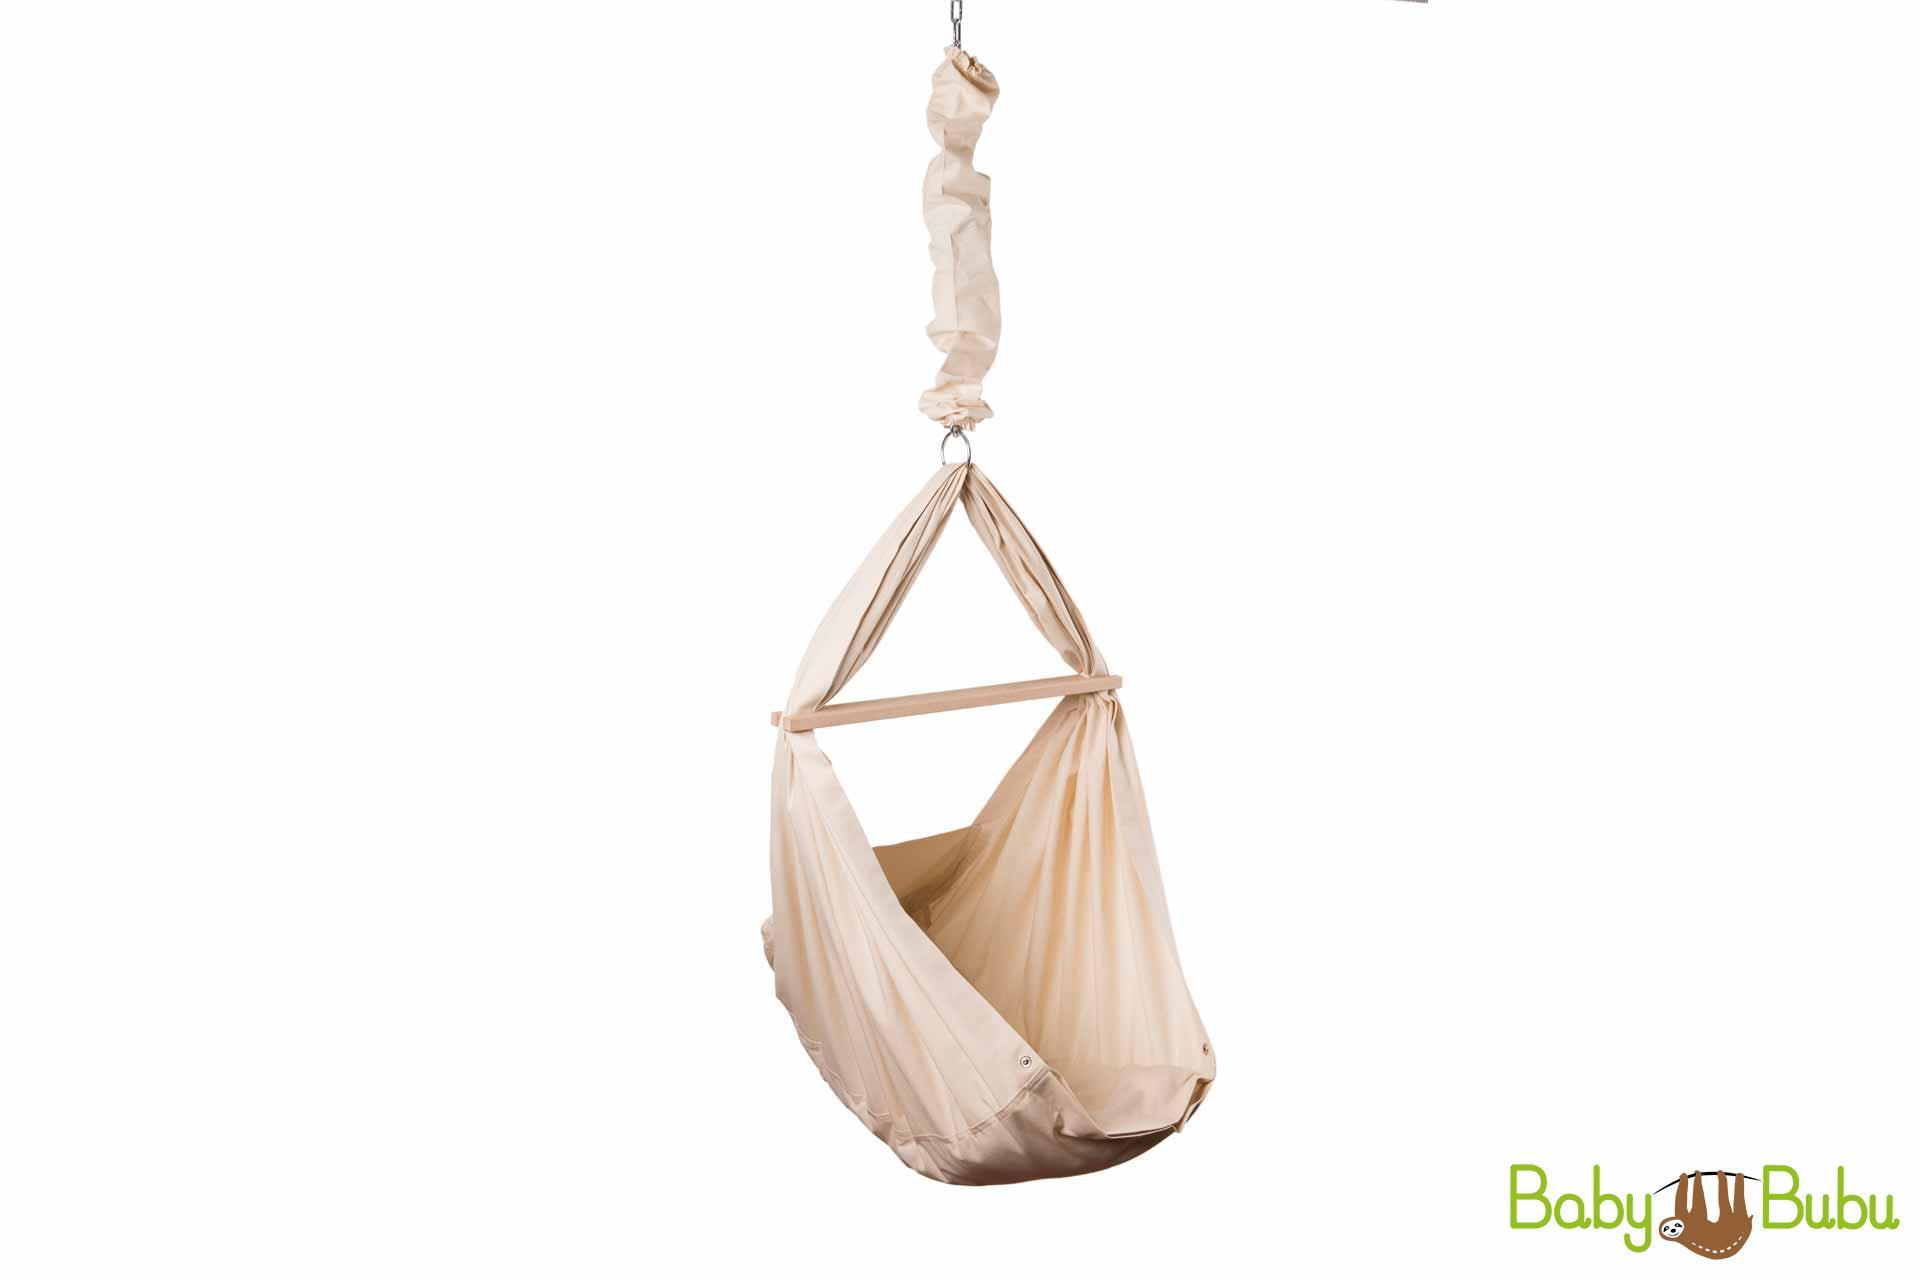 miniBayBabu für Kinder bis 12kg